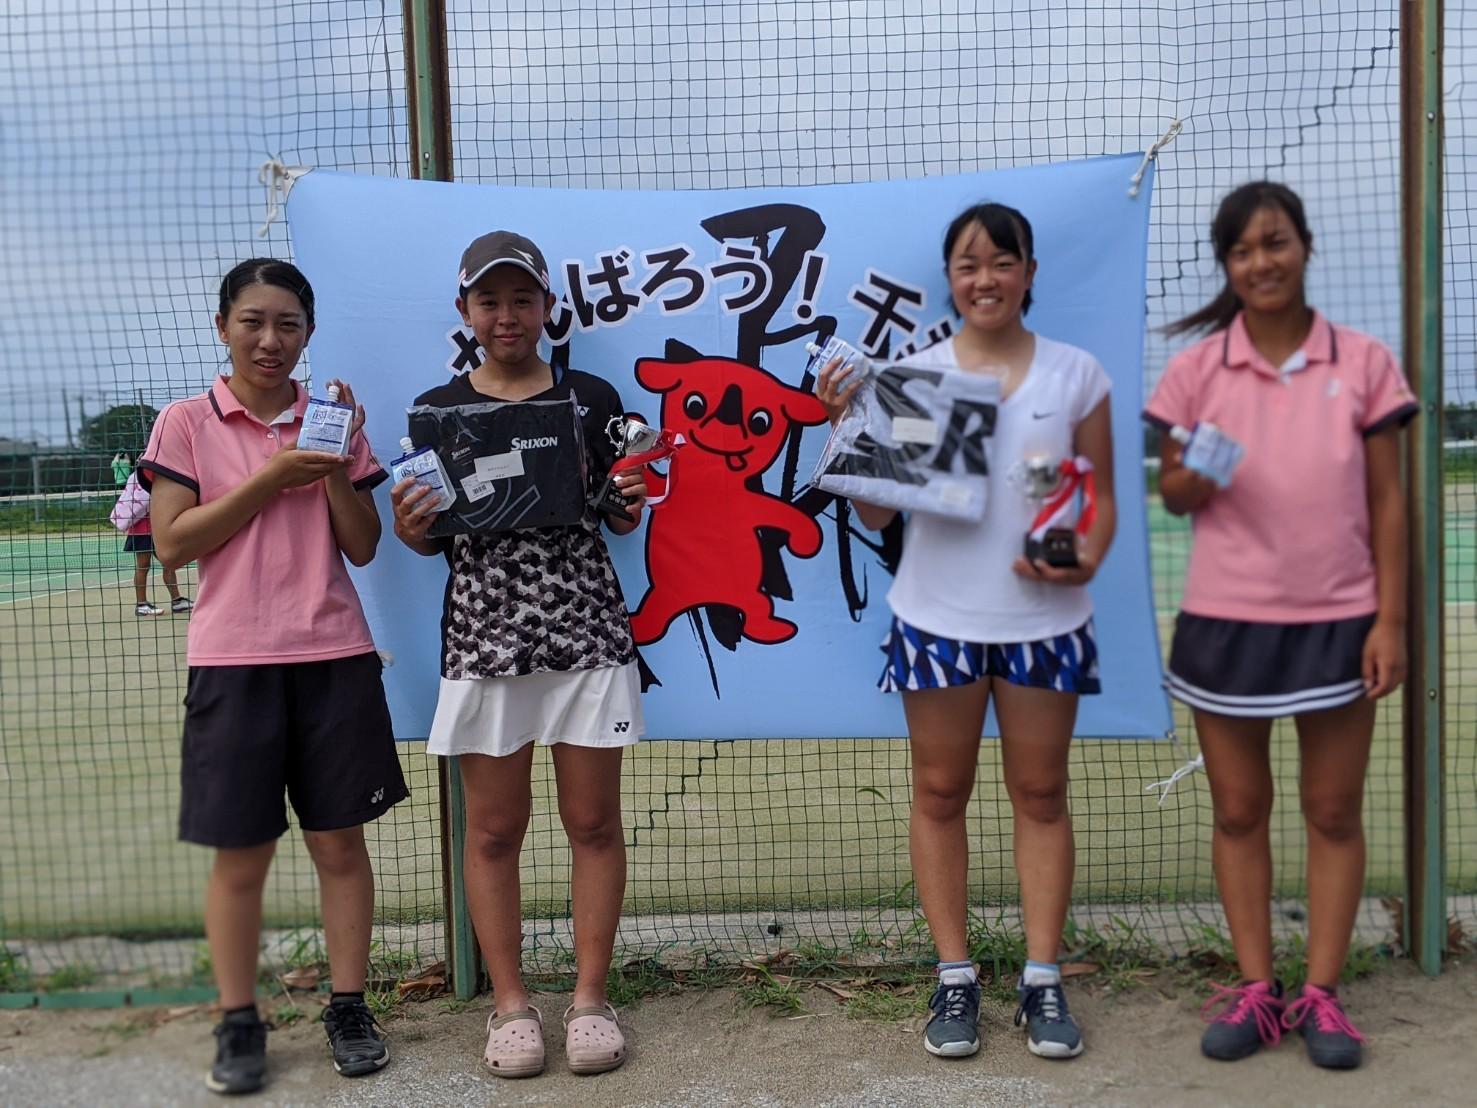 千葉ジュニアFYSカップ 本戦結果 8月16日 サニー共同コート_b0215094_21464326.jpg